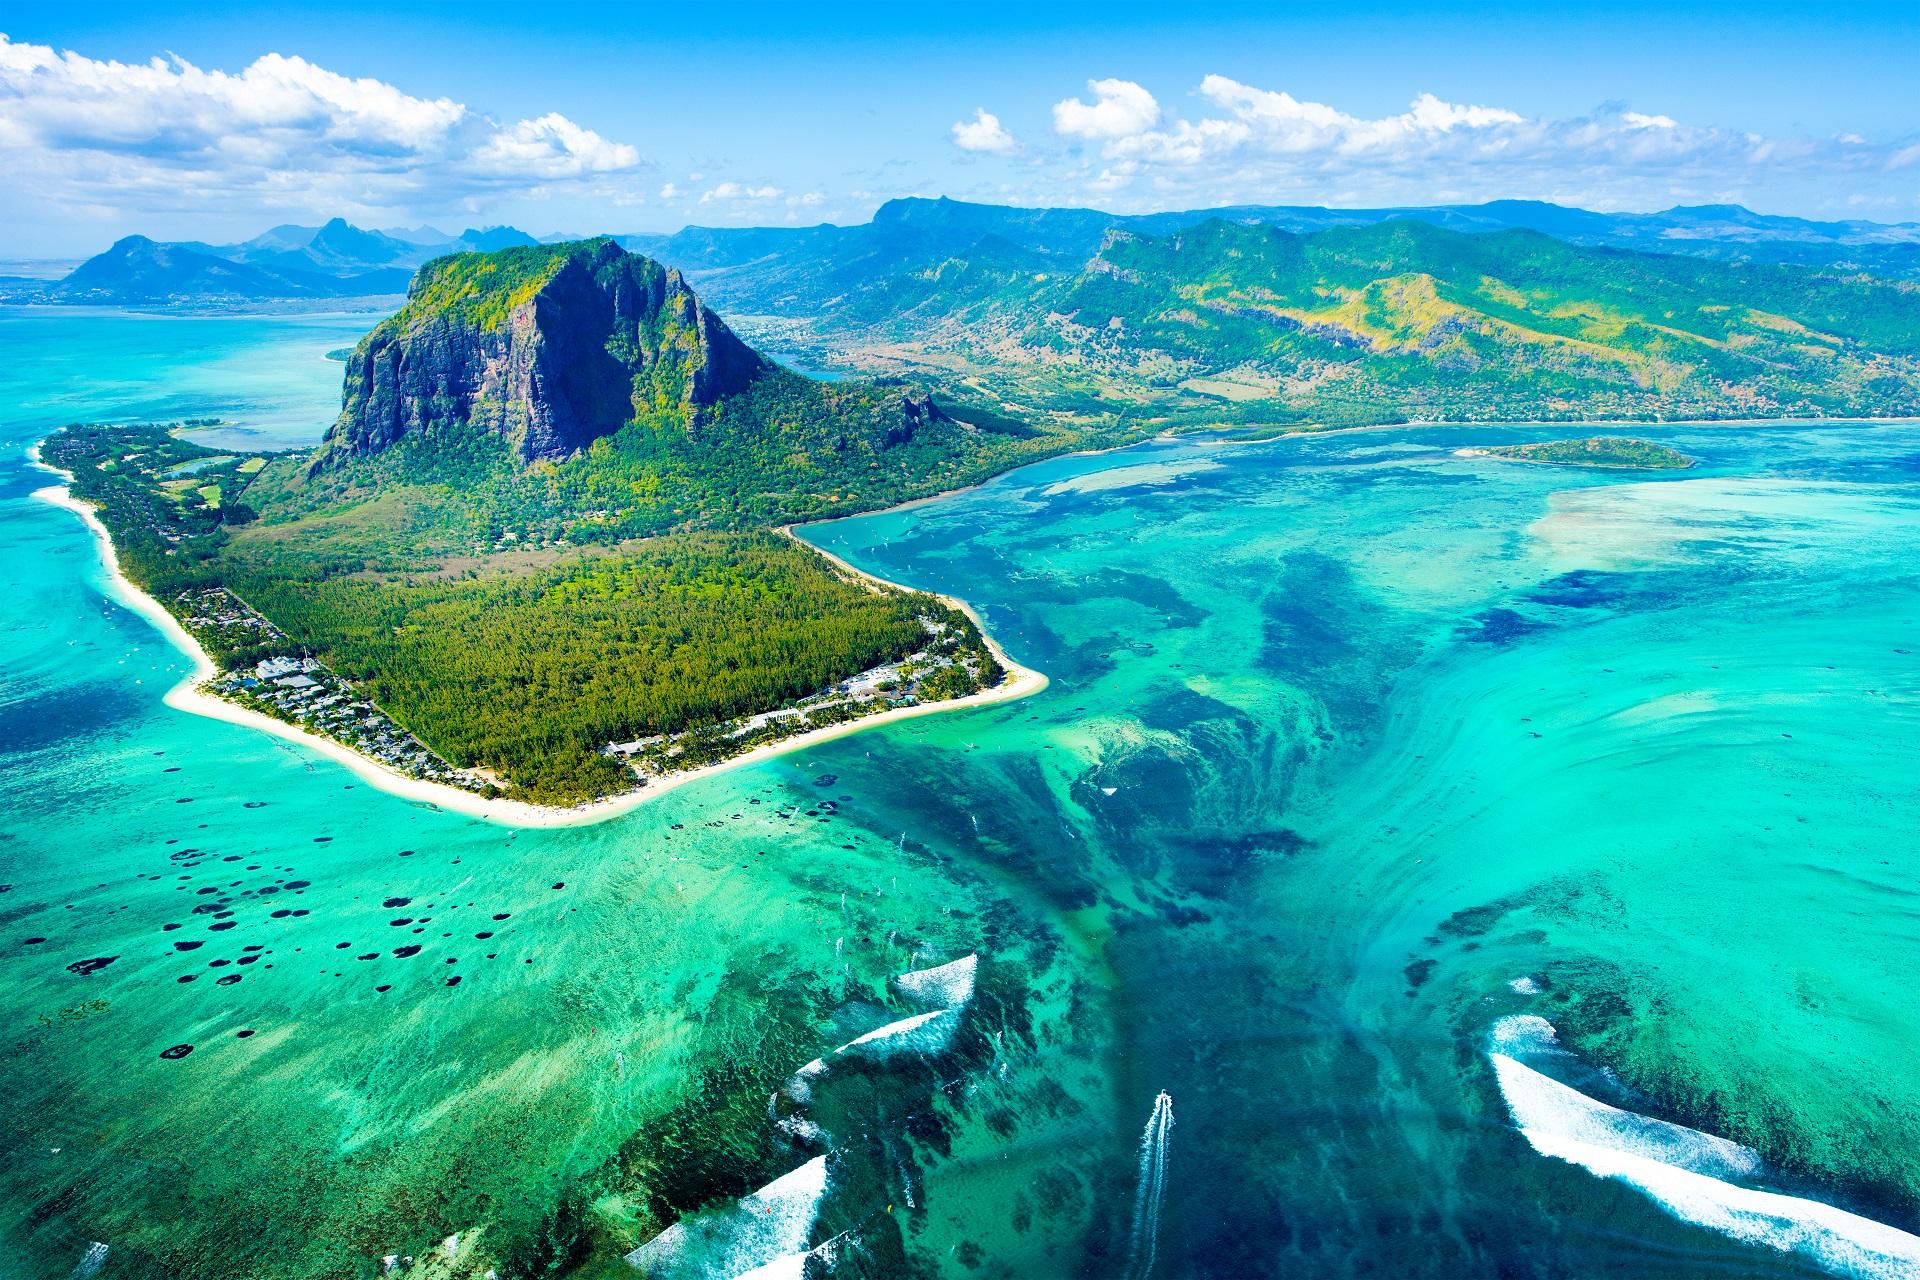 Der Unterwasser-Wasserfall auf Mauritius.